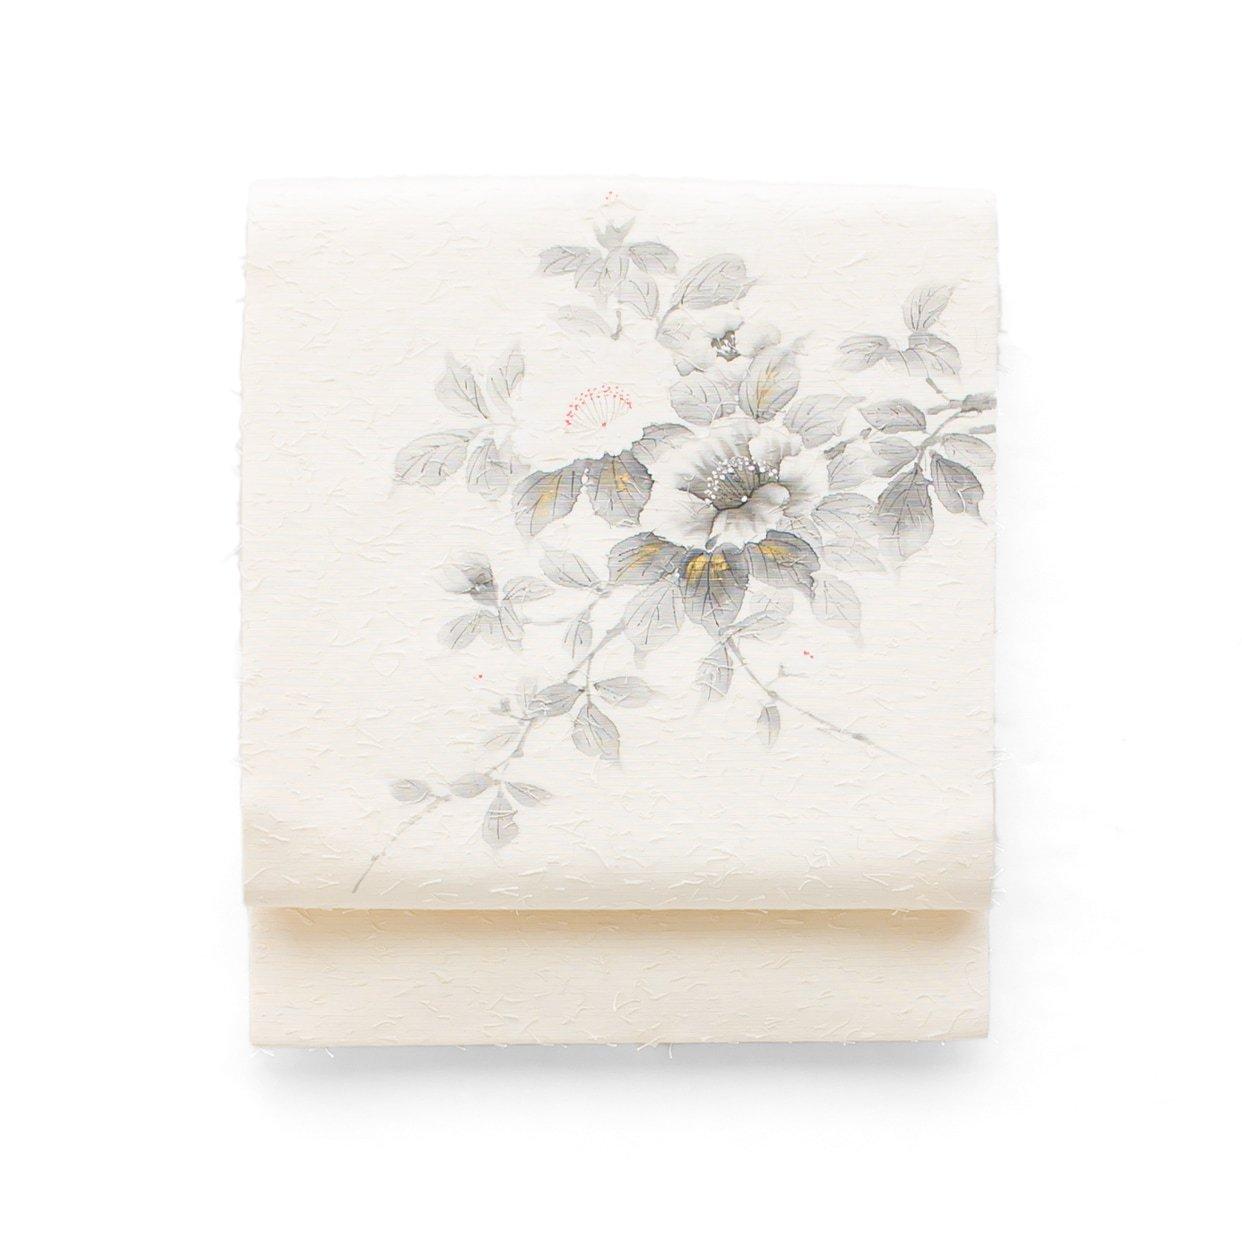 「ひげ紬 手描き 白花」の商品画像